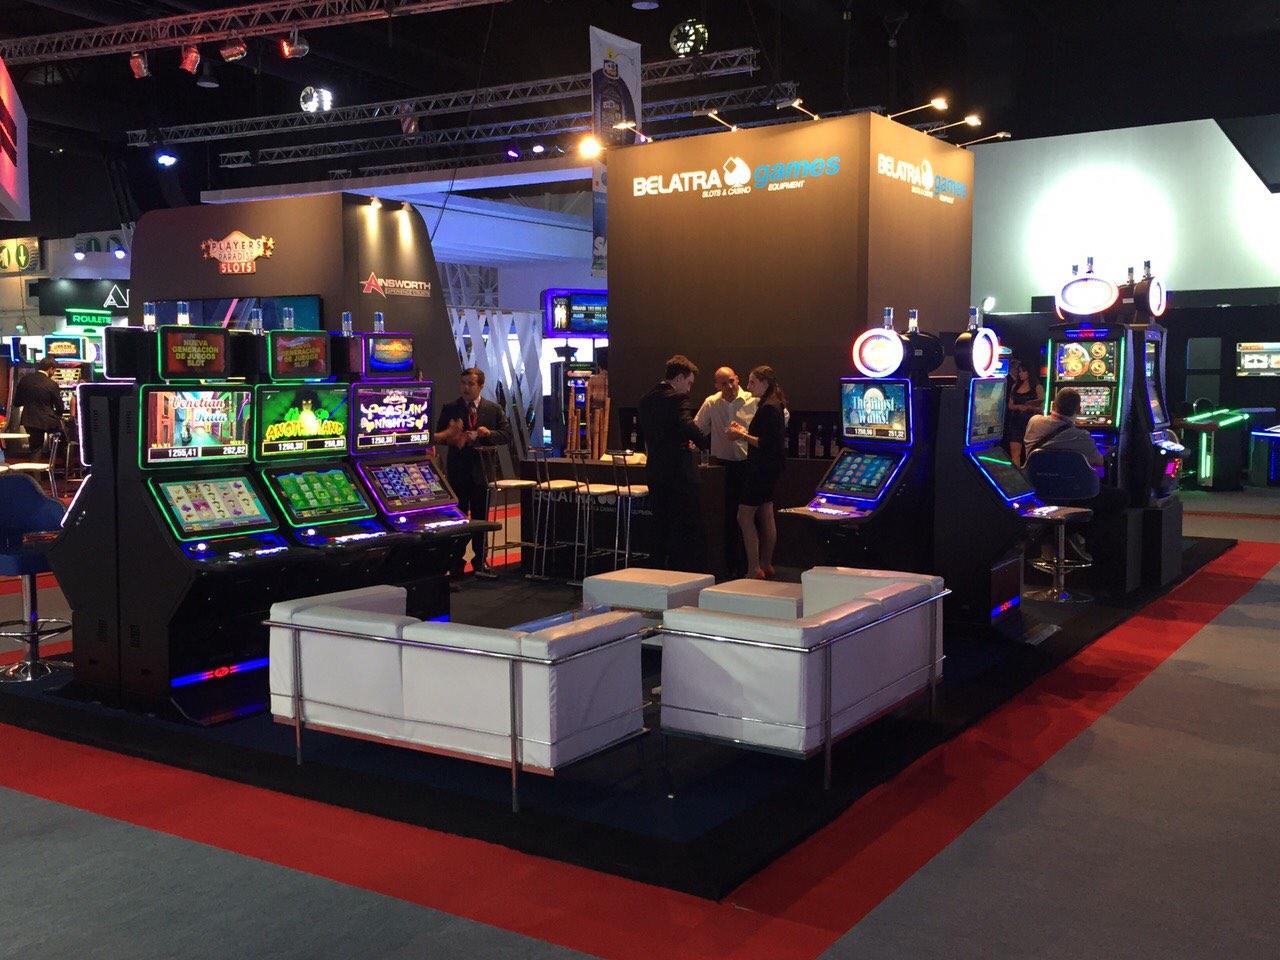 Игровые автоматы BELATRA